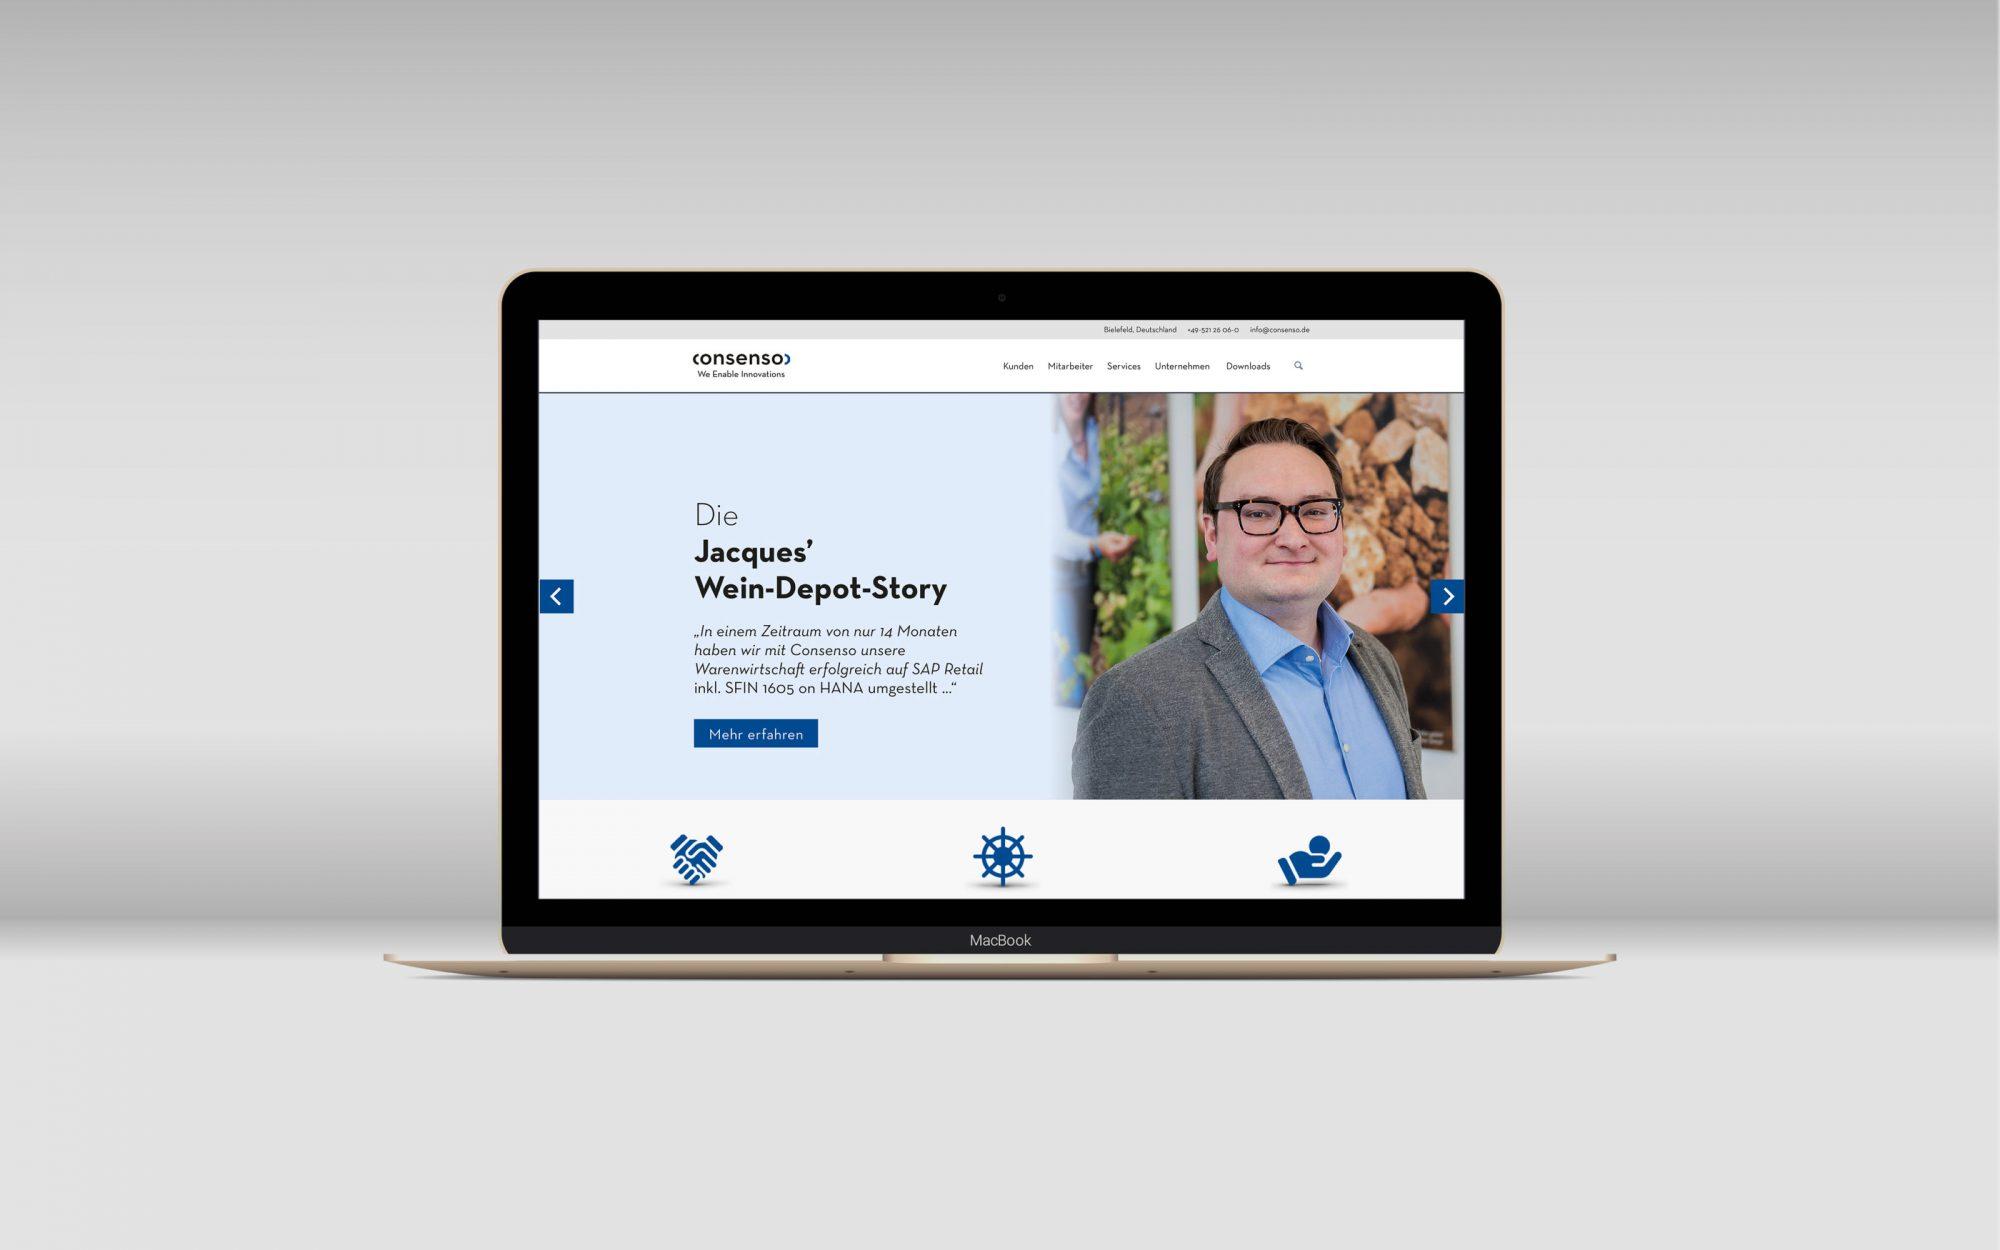 GRACO-consenso-Webseite